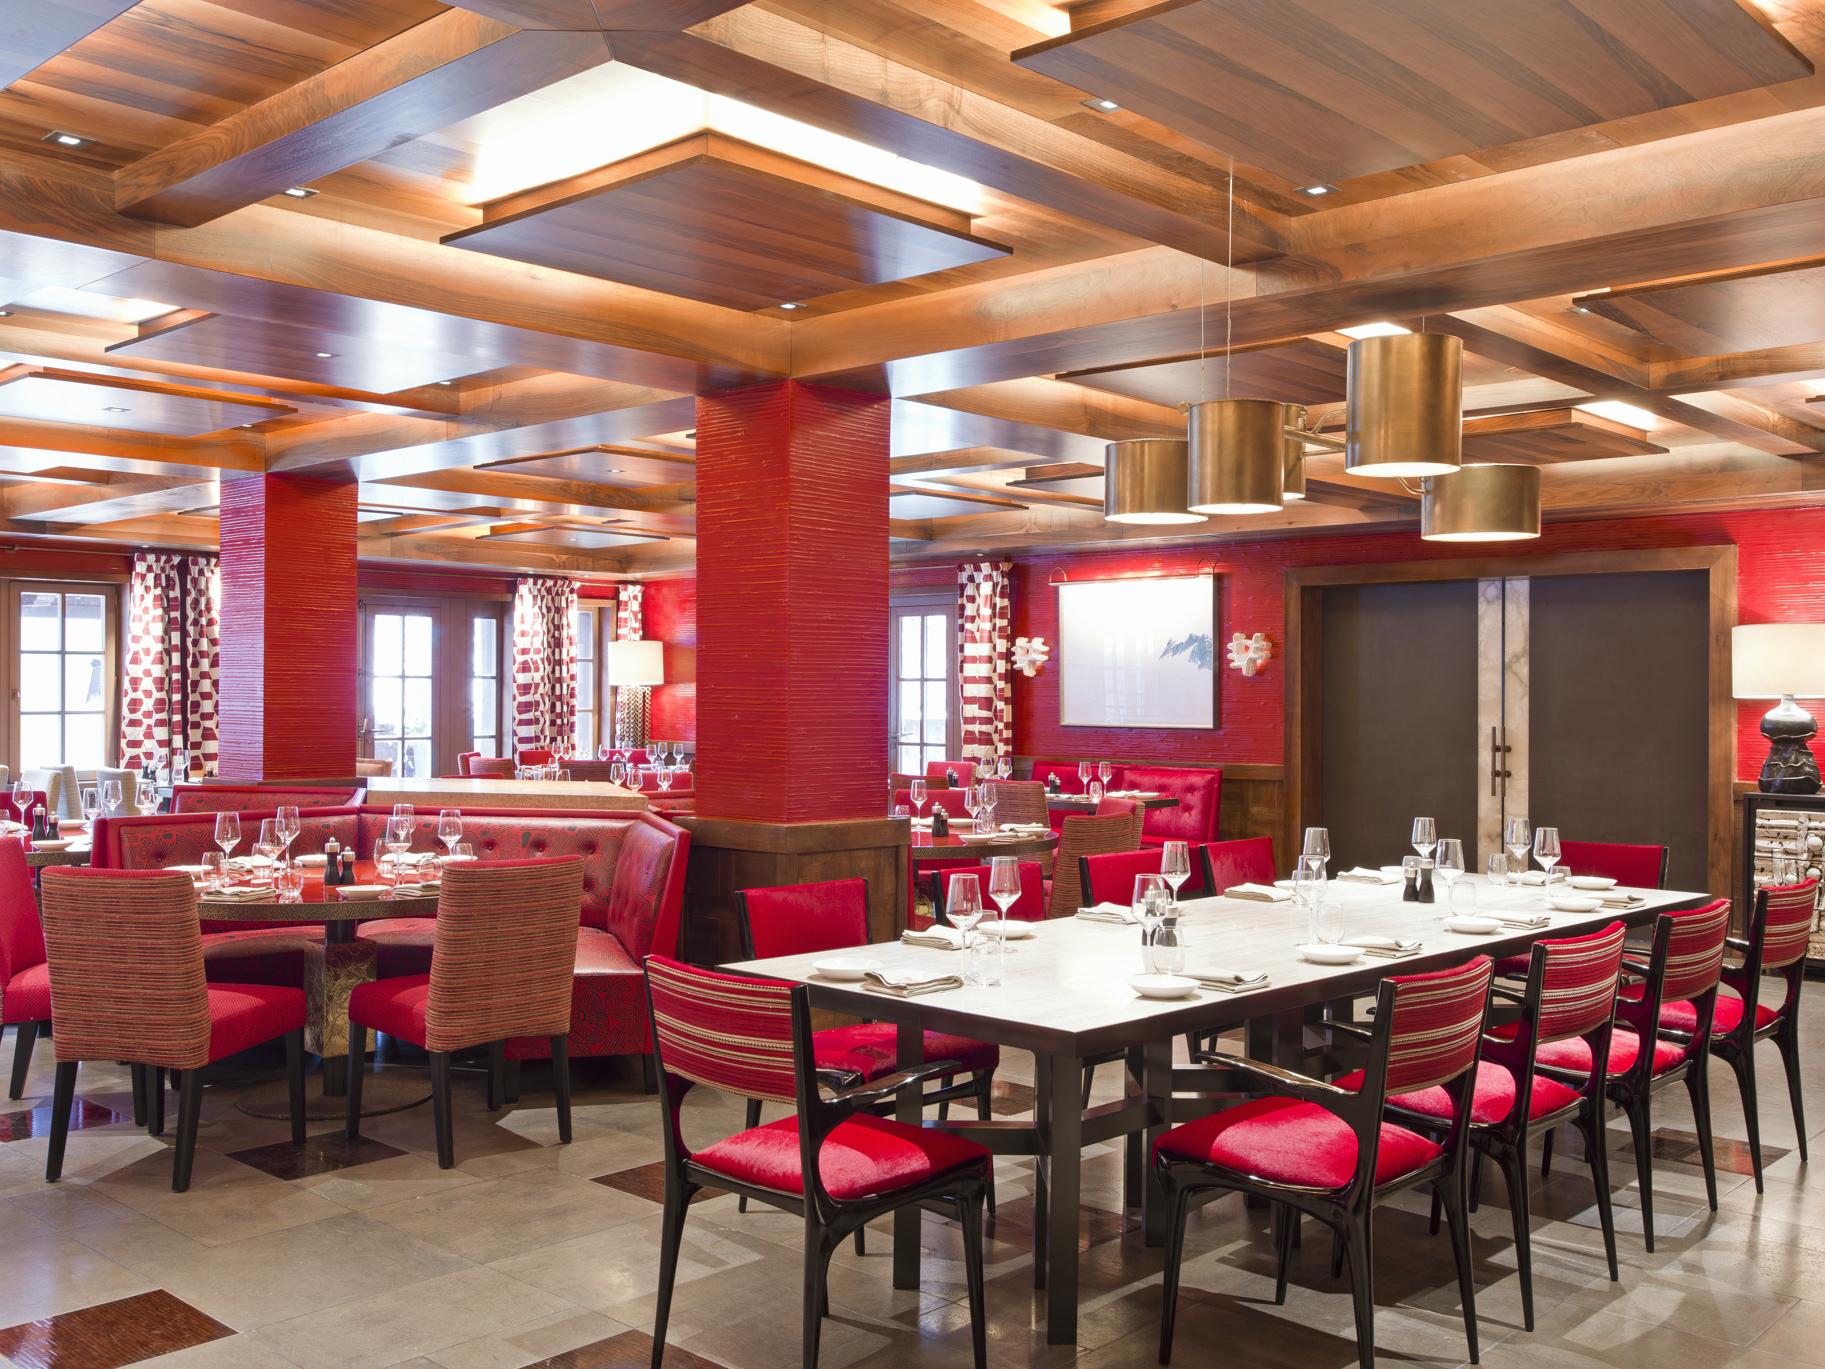 42-restaurant-le-white-white-restaurant-s-julliard.jpg